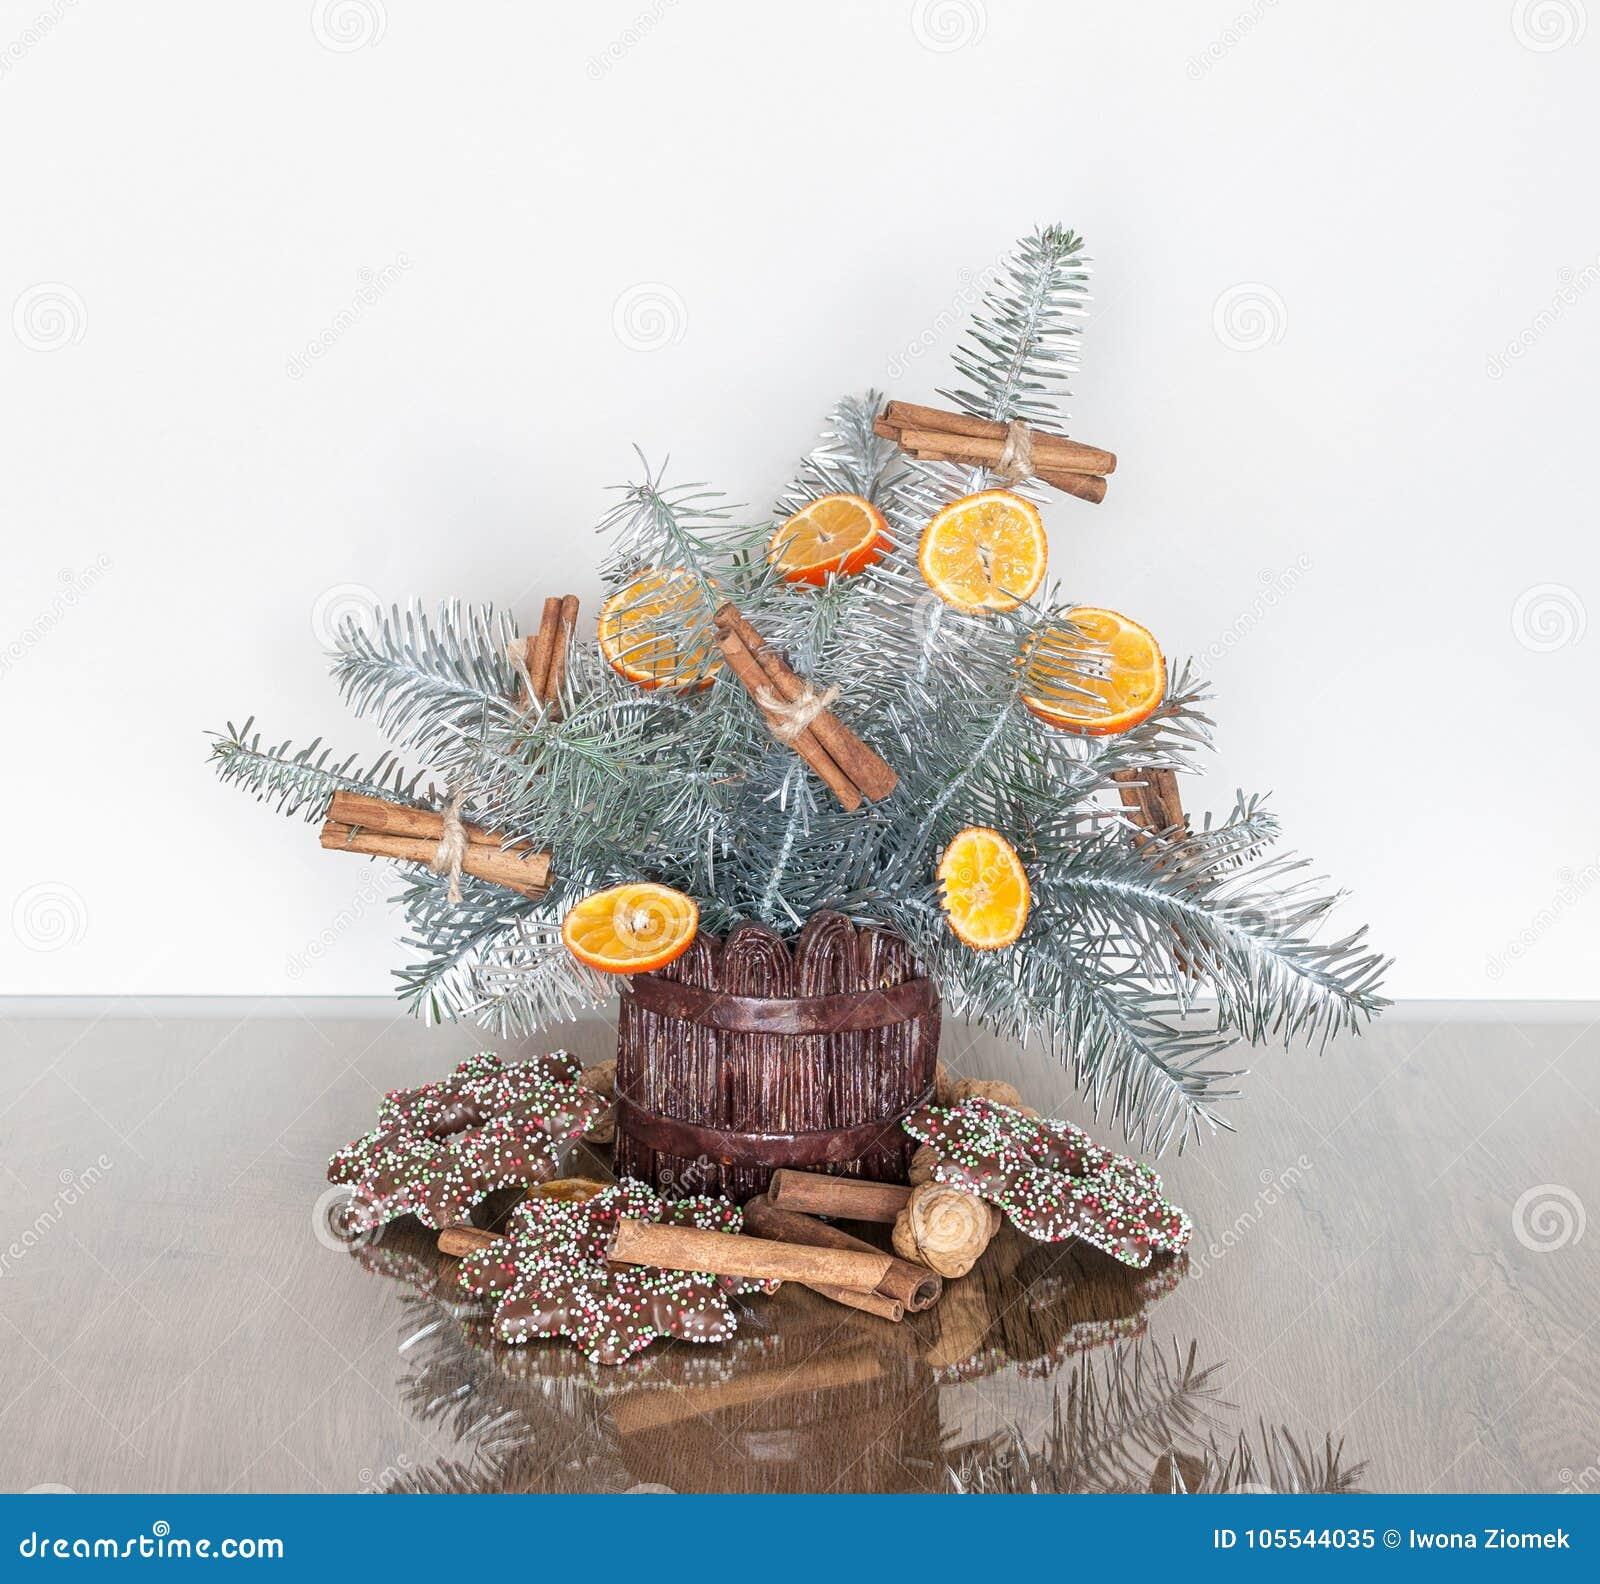 Decoration De Noel Avec Des Branches De Sapin Argente Image Stock